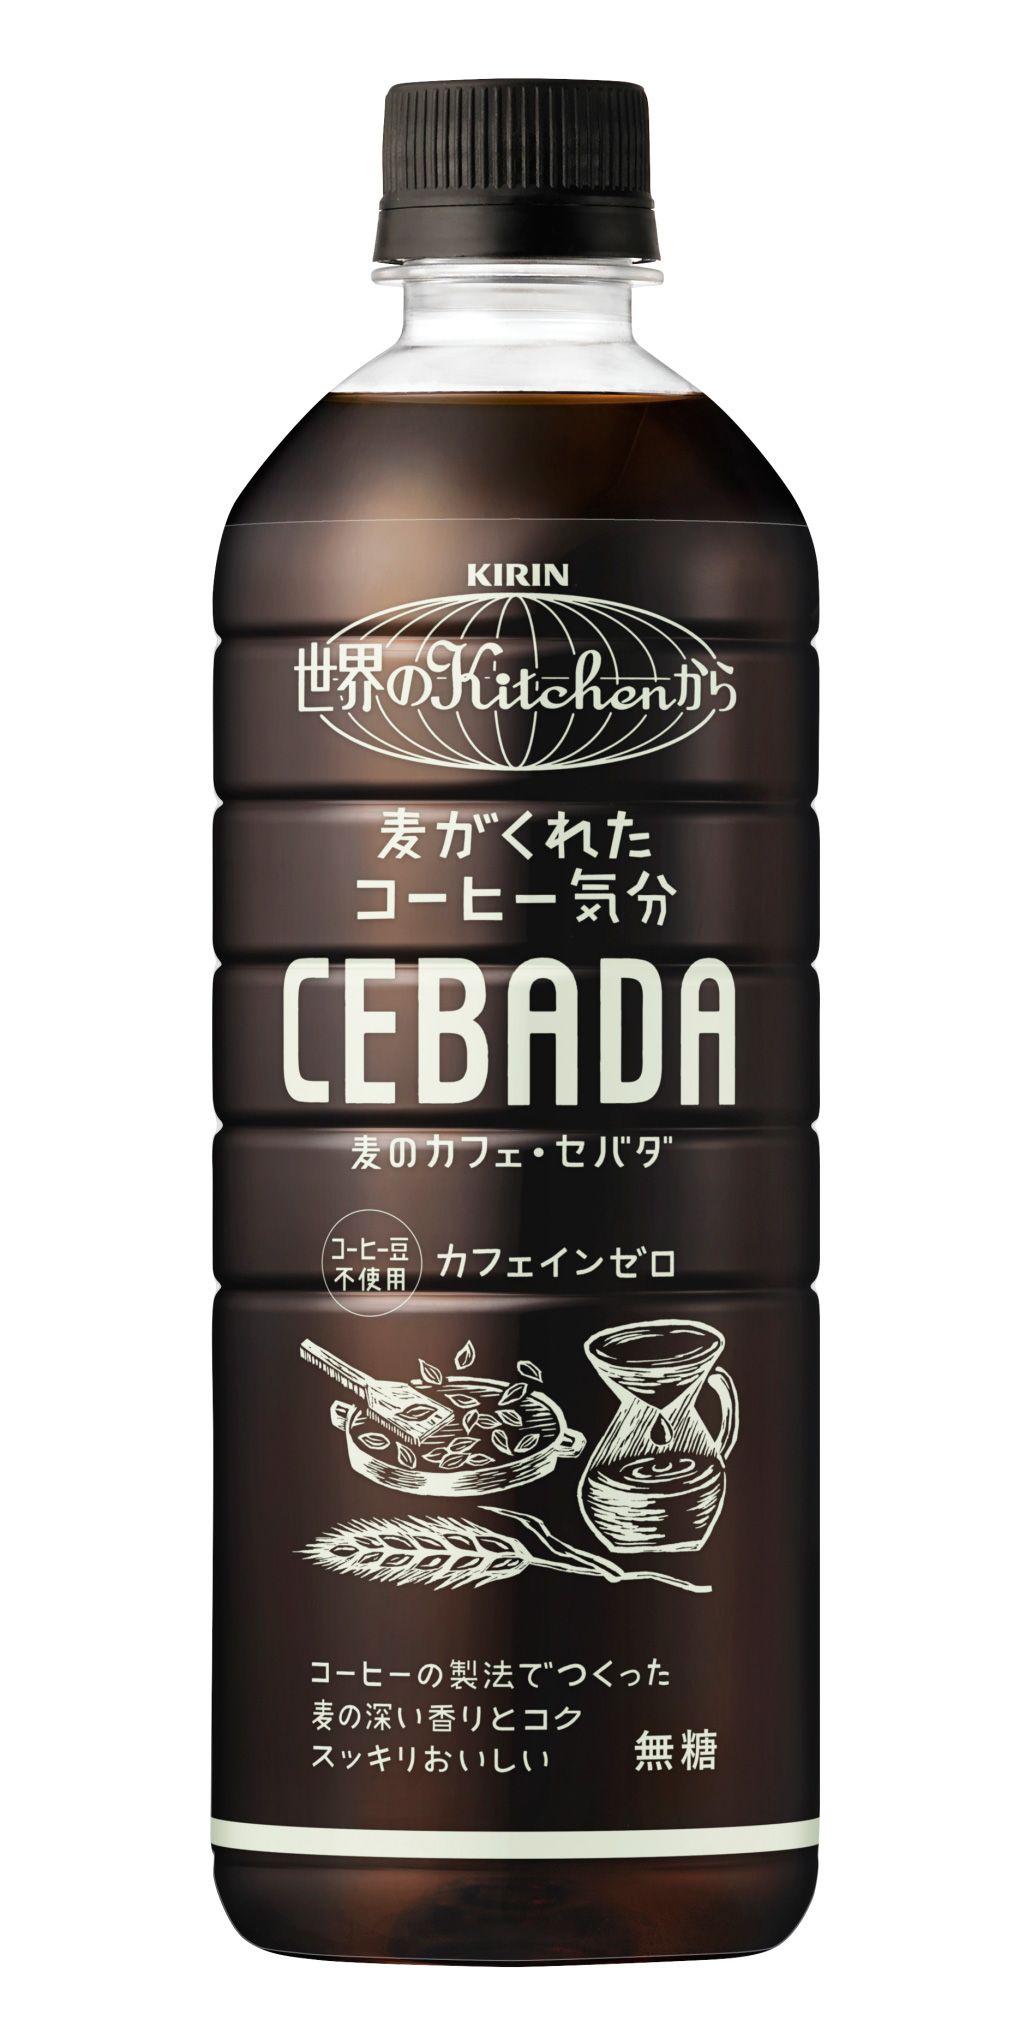 0509 01 B Jpg 1 031 2 040 ピクセル コーヒーのパッケージ 世界のキッチンから 機能性食品